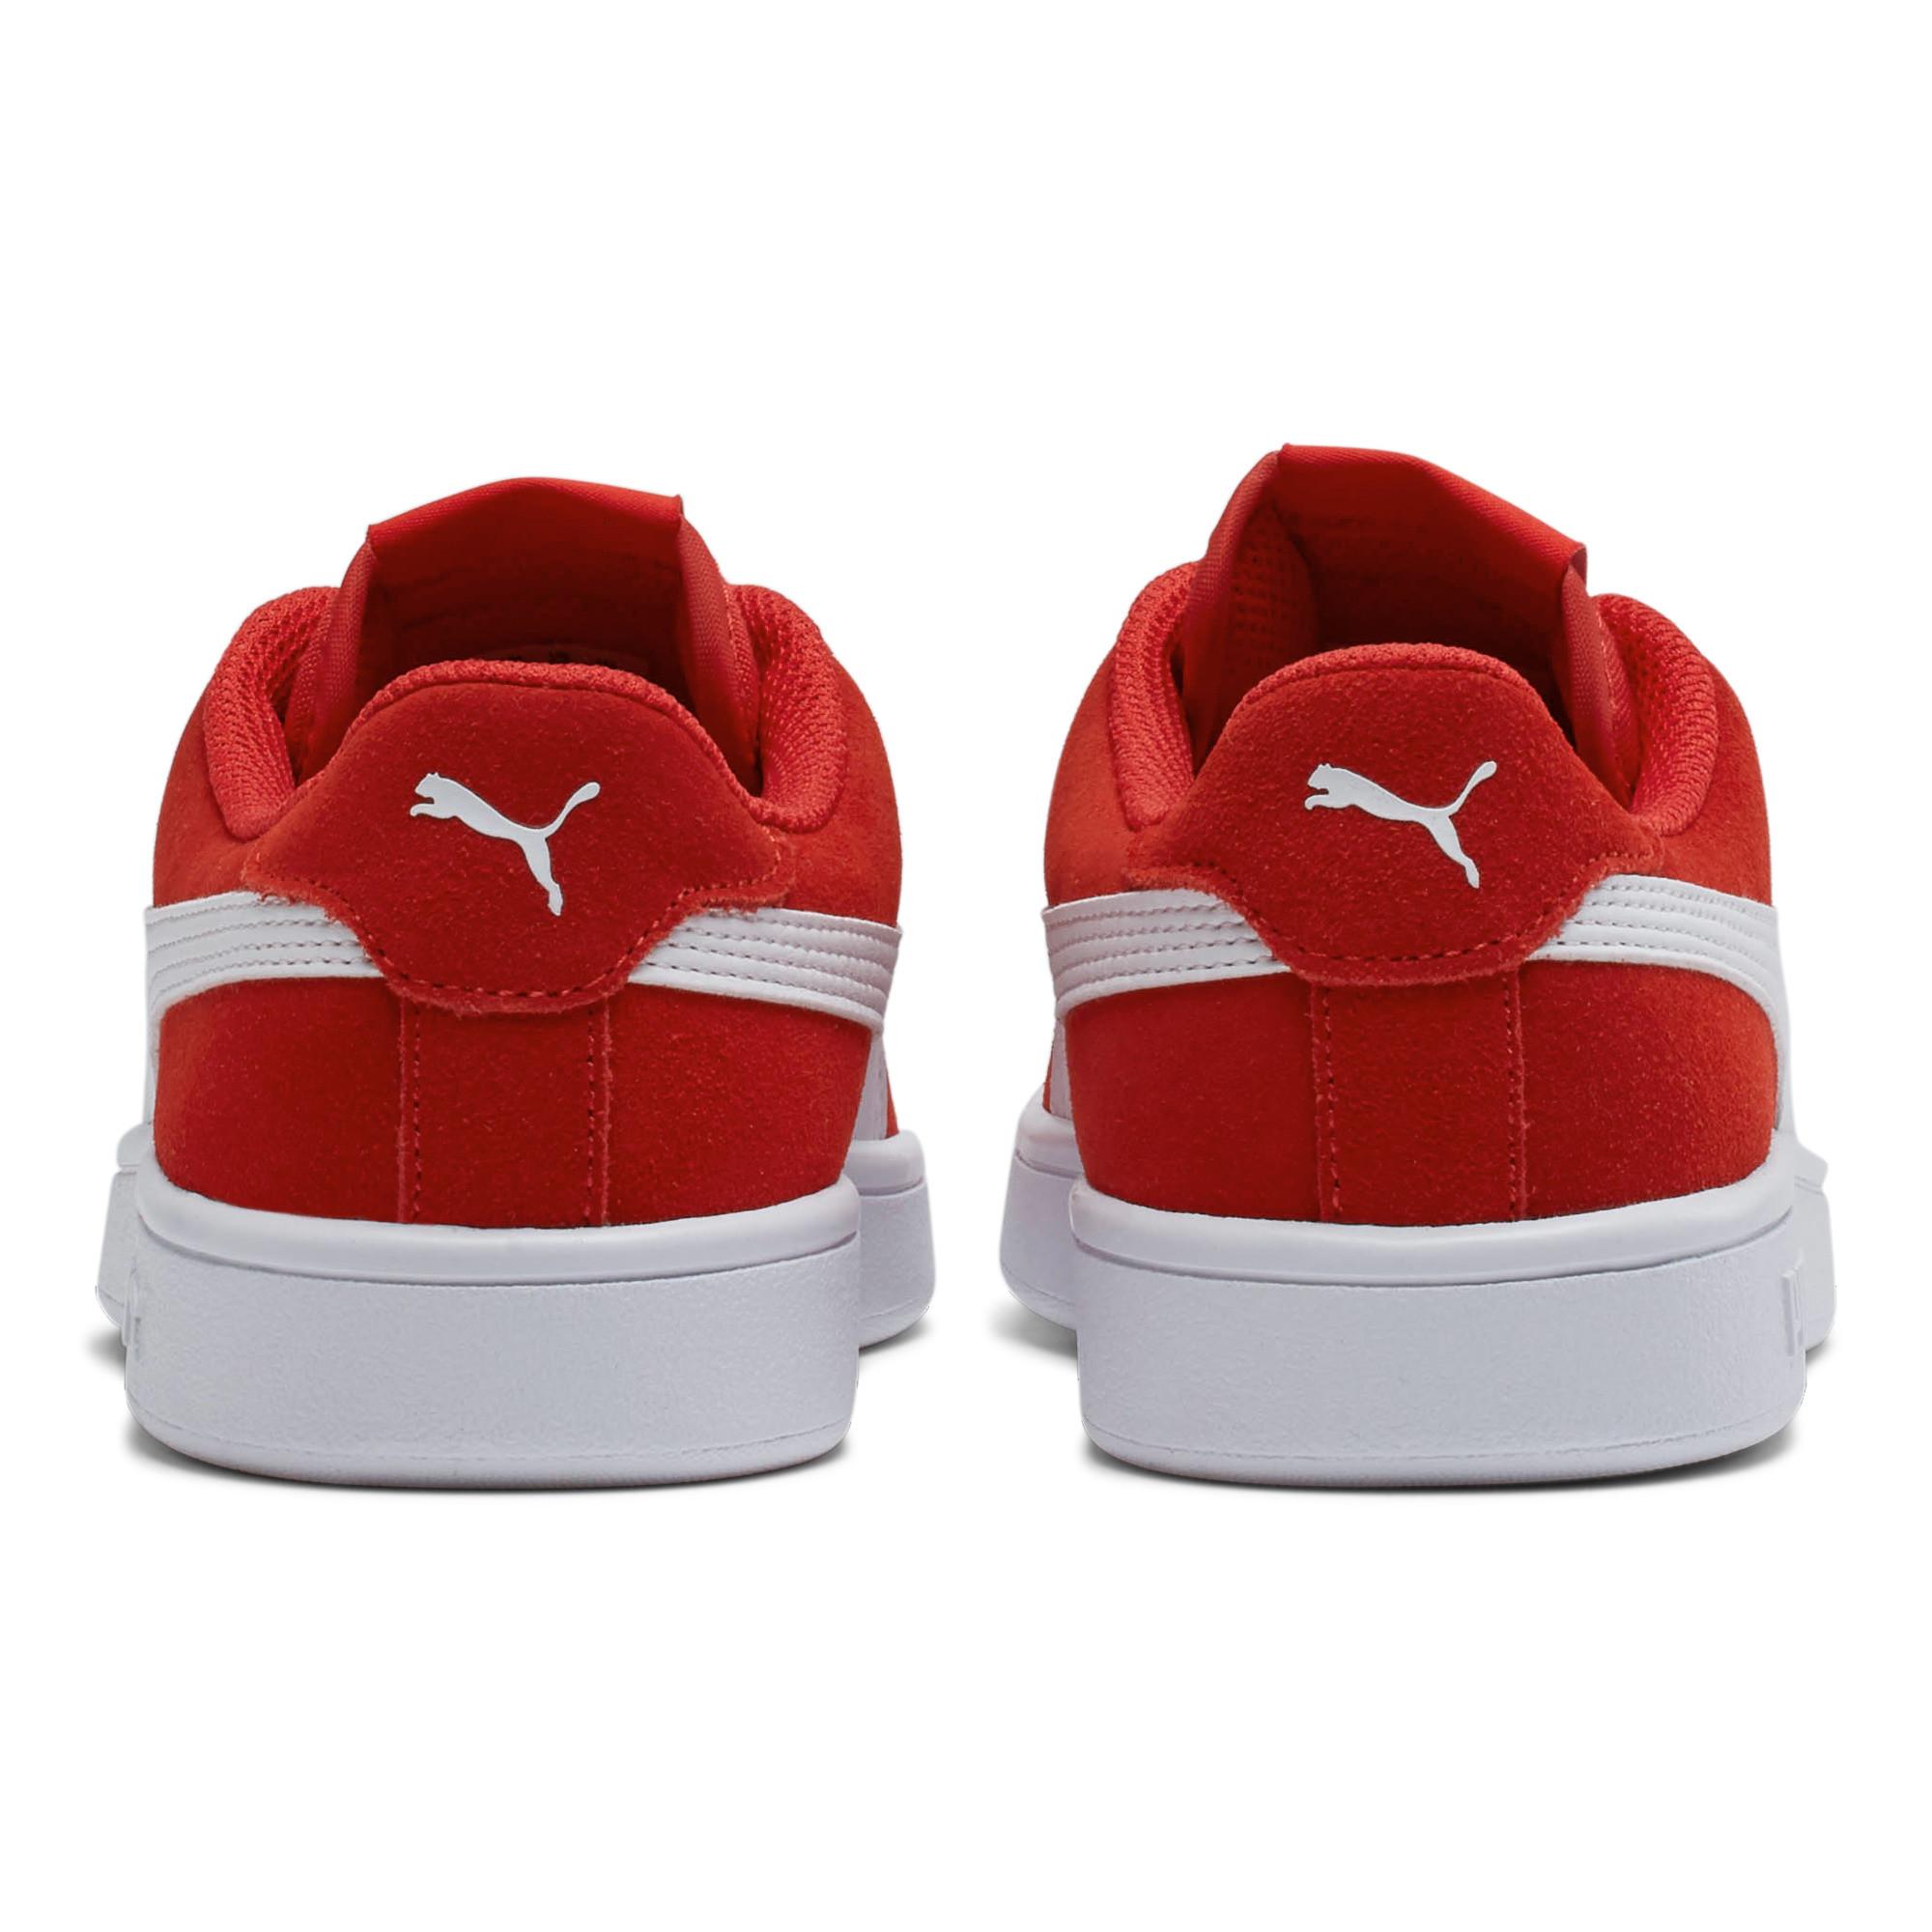 miniature 10 - Puma Junior Smash v2 Suede Sneakers